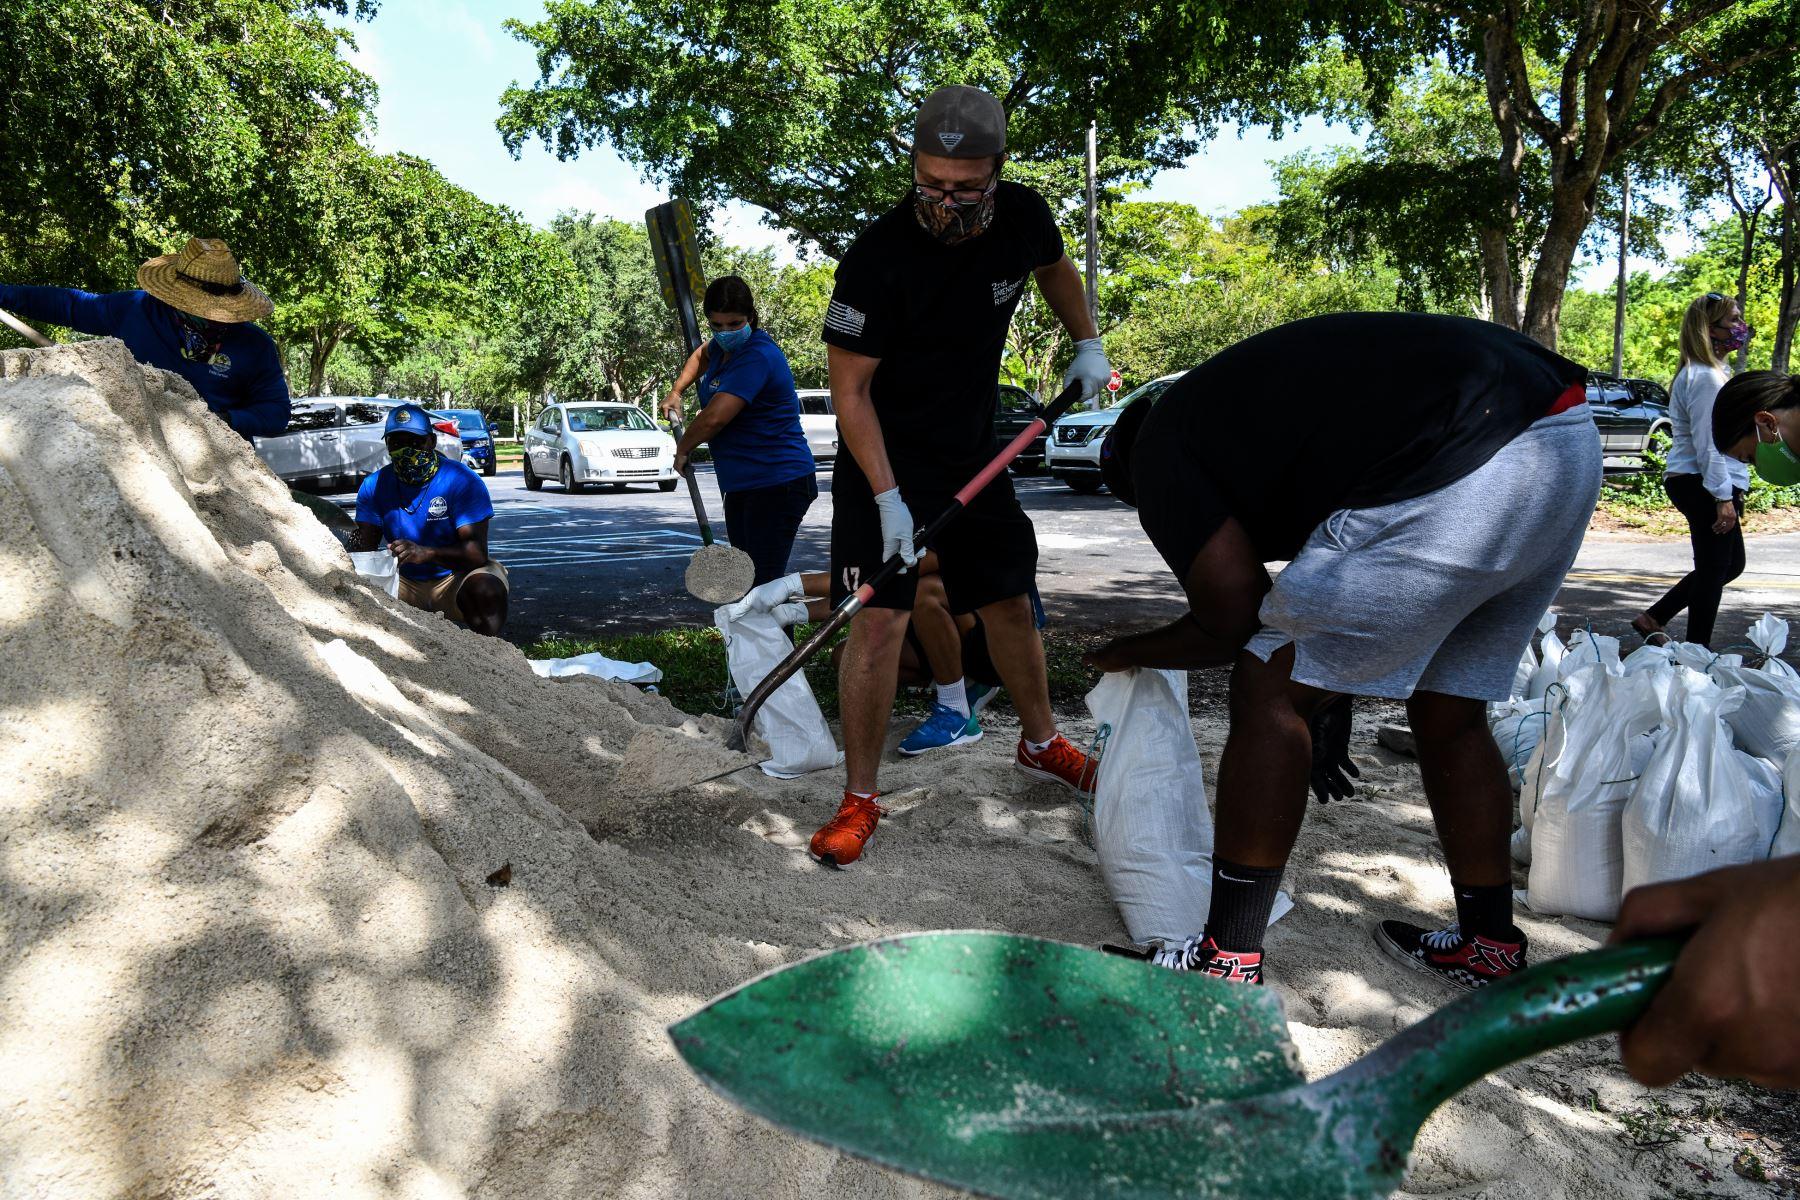 Un grupo de personas llena bolsas de arena para distribuirlas a los residentes de la Bahía de Palmetto cerca de Miami y así tratar de contener los estragos del Huracán Isaías. Foto: AFP